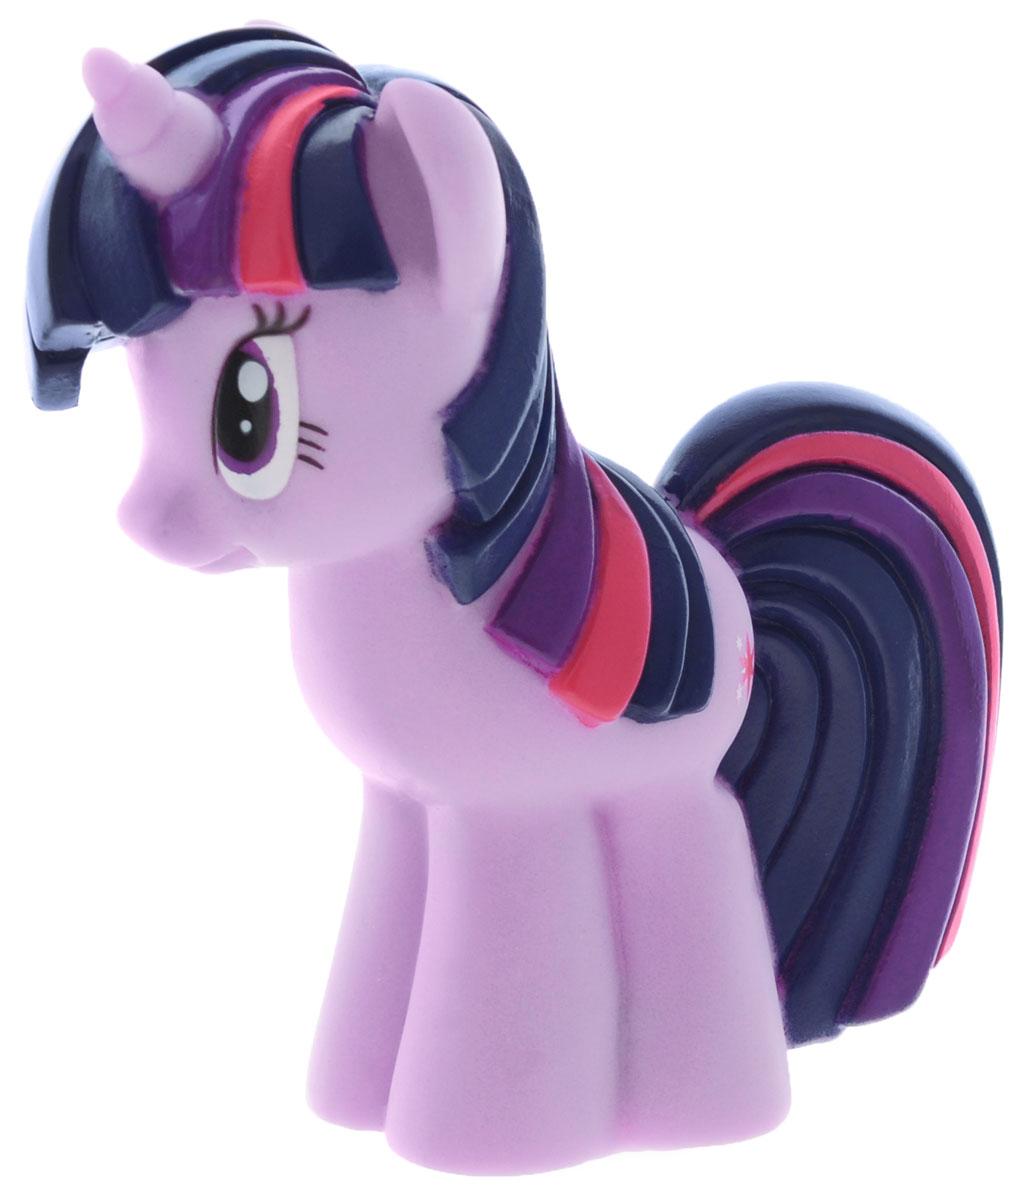 My Little Pony Игрушка для ванны Пони Сумеречная Искорка делай с мамой набор шьем чехол для телефона сумеречная искорка my little pony